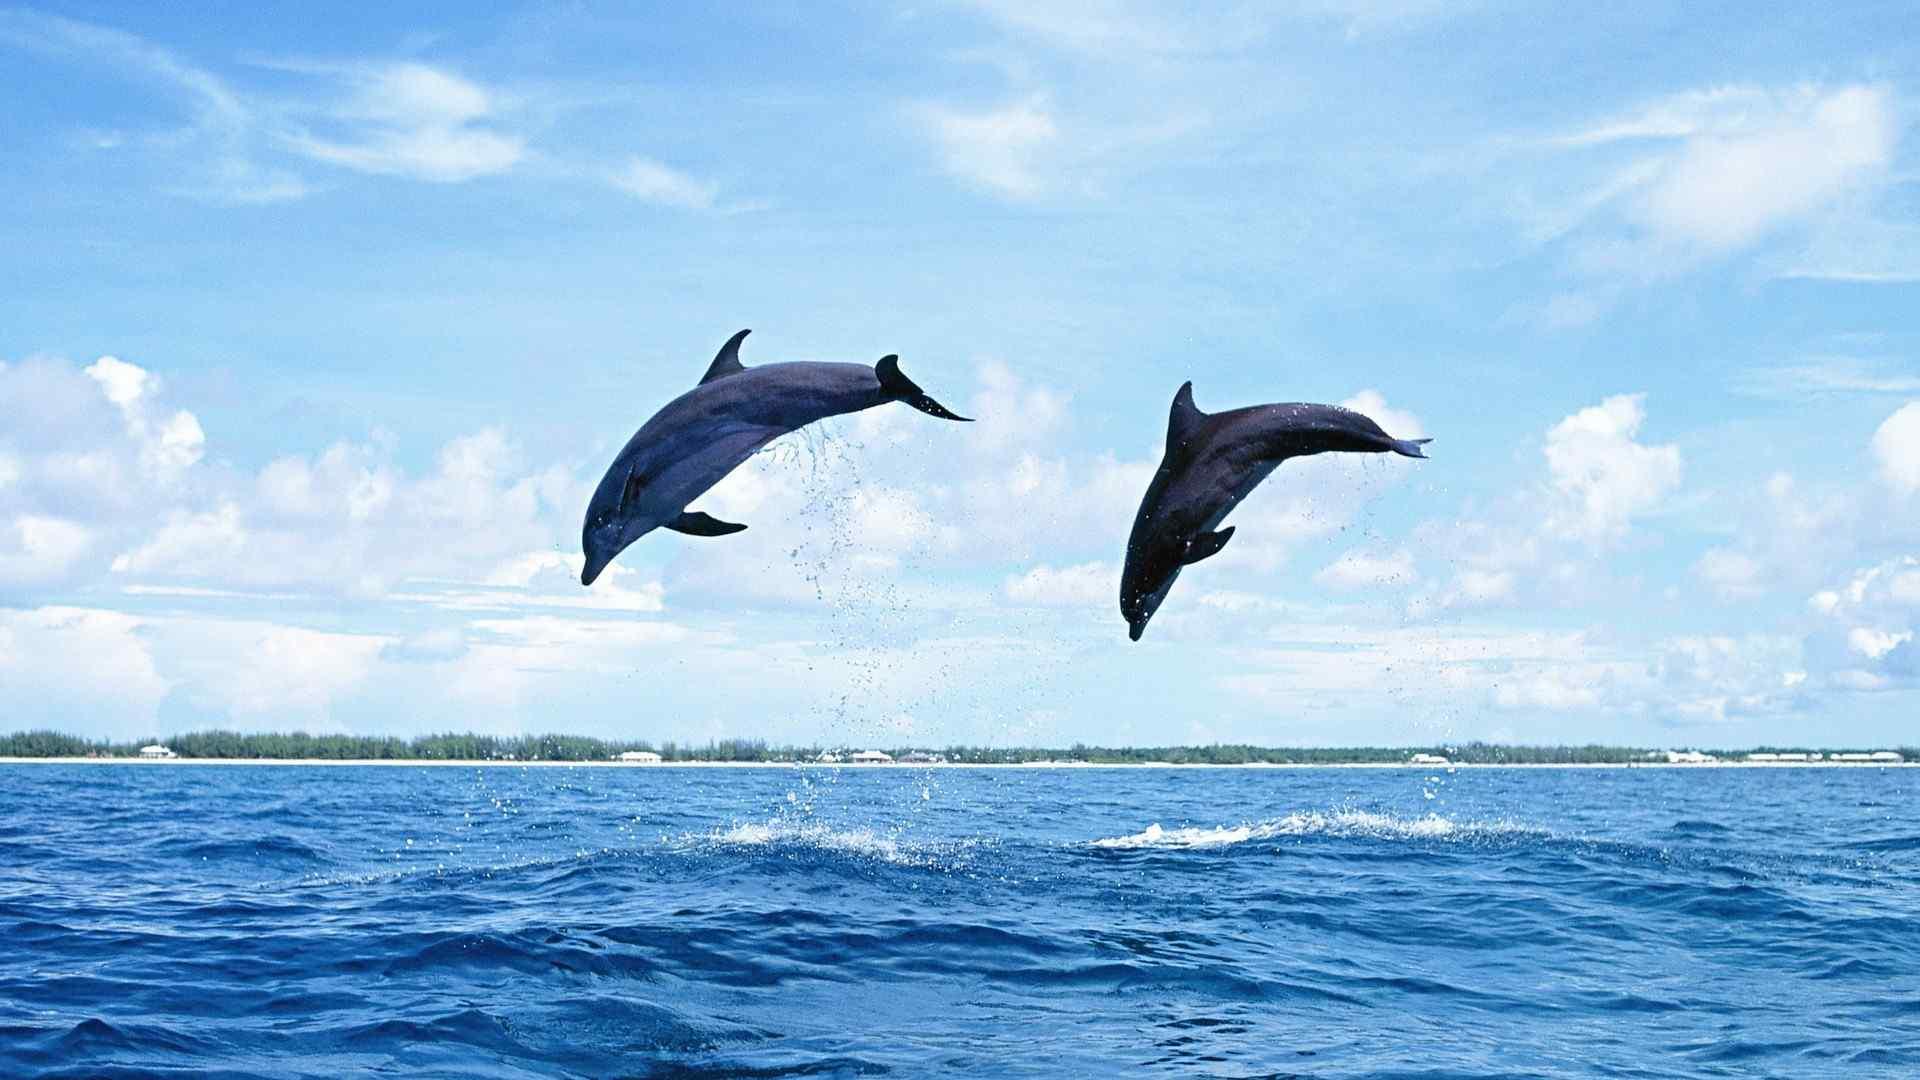 可爱海豚图片 成群海豚桌面壁纸 海洋海豚桌面壁纸